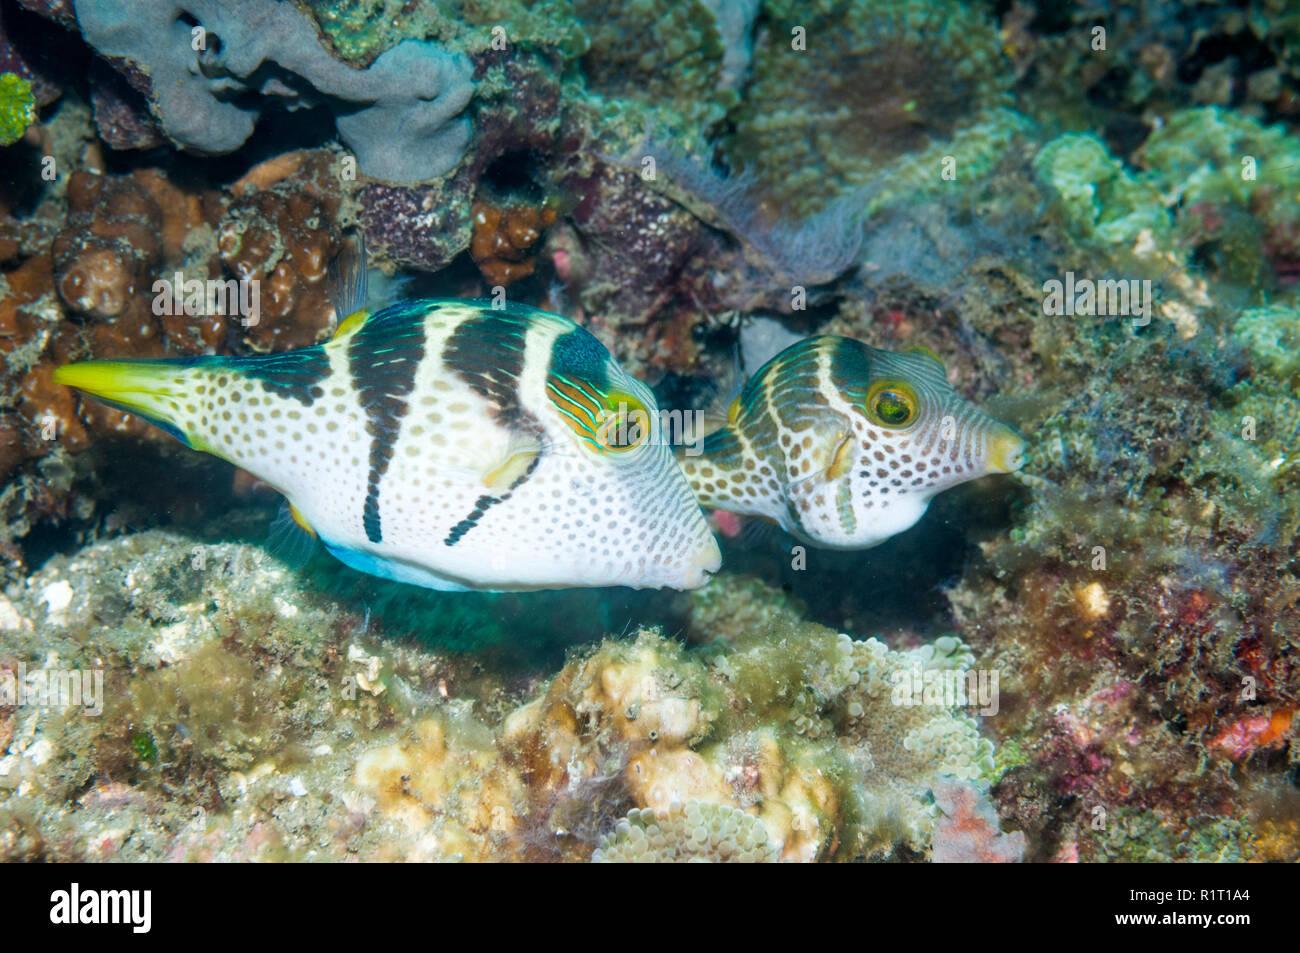 Schwarz - gesattelt Toby oder Valentinstag Puffer [Canthigaster Valentini]. Lembeh Strait, Nord Sulawesi, Indonesien. Indo-West Pazifik. Stockfoto